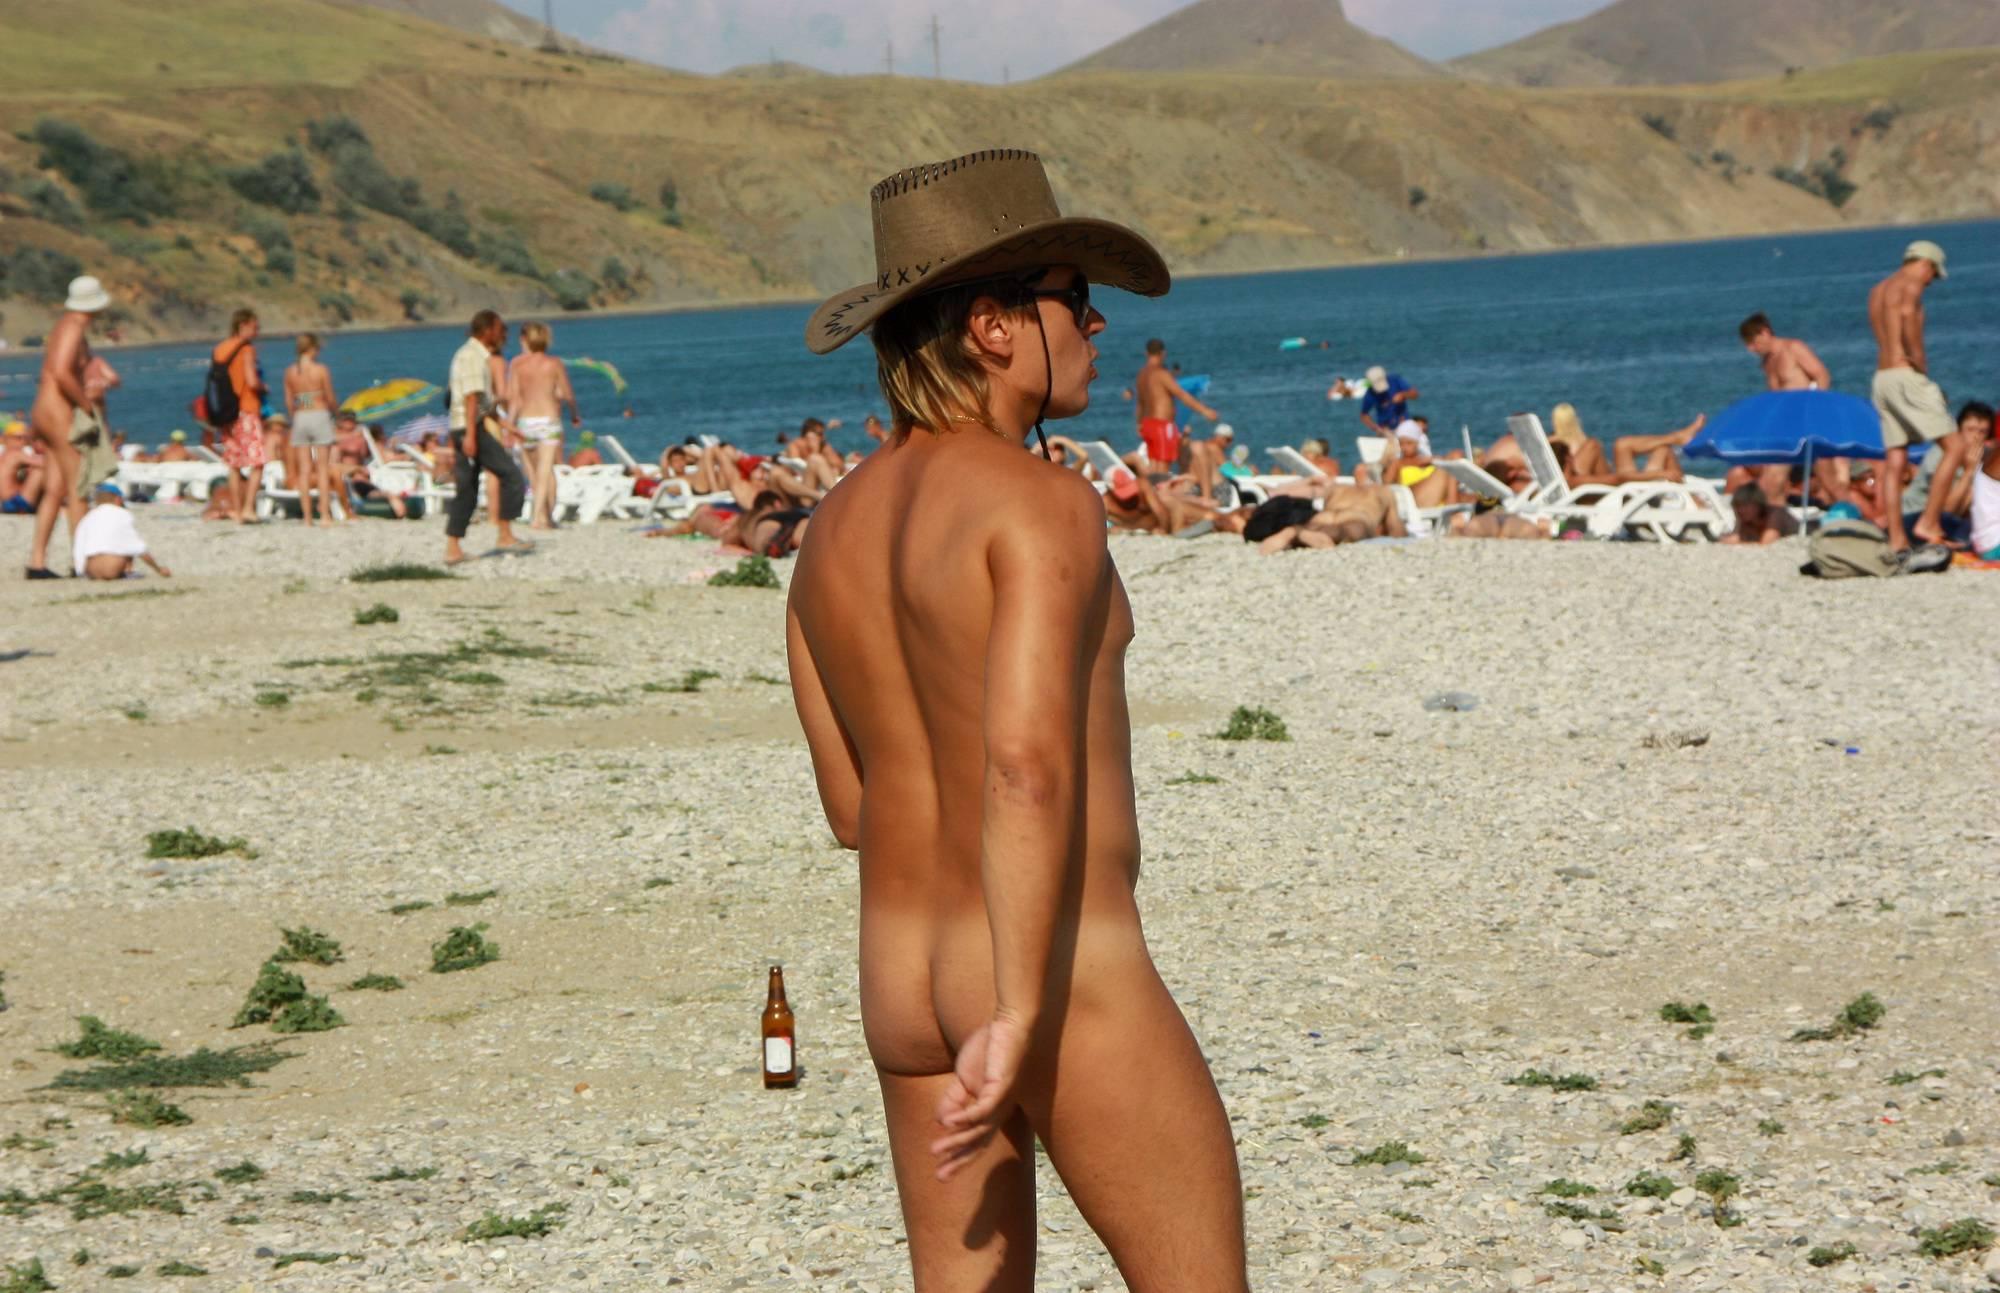 Nudist Photos Ukraine Beach Friendship - 2